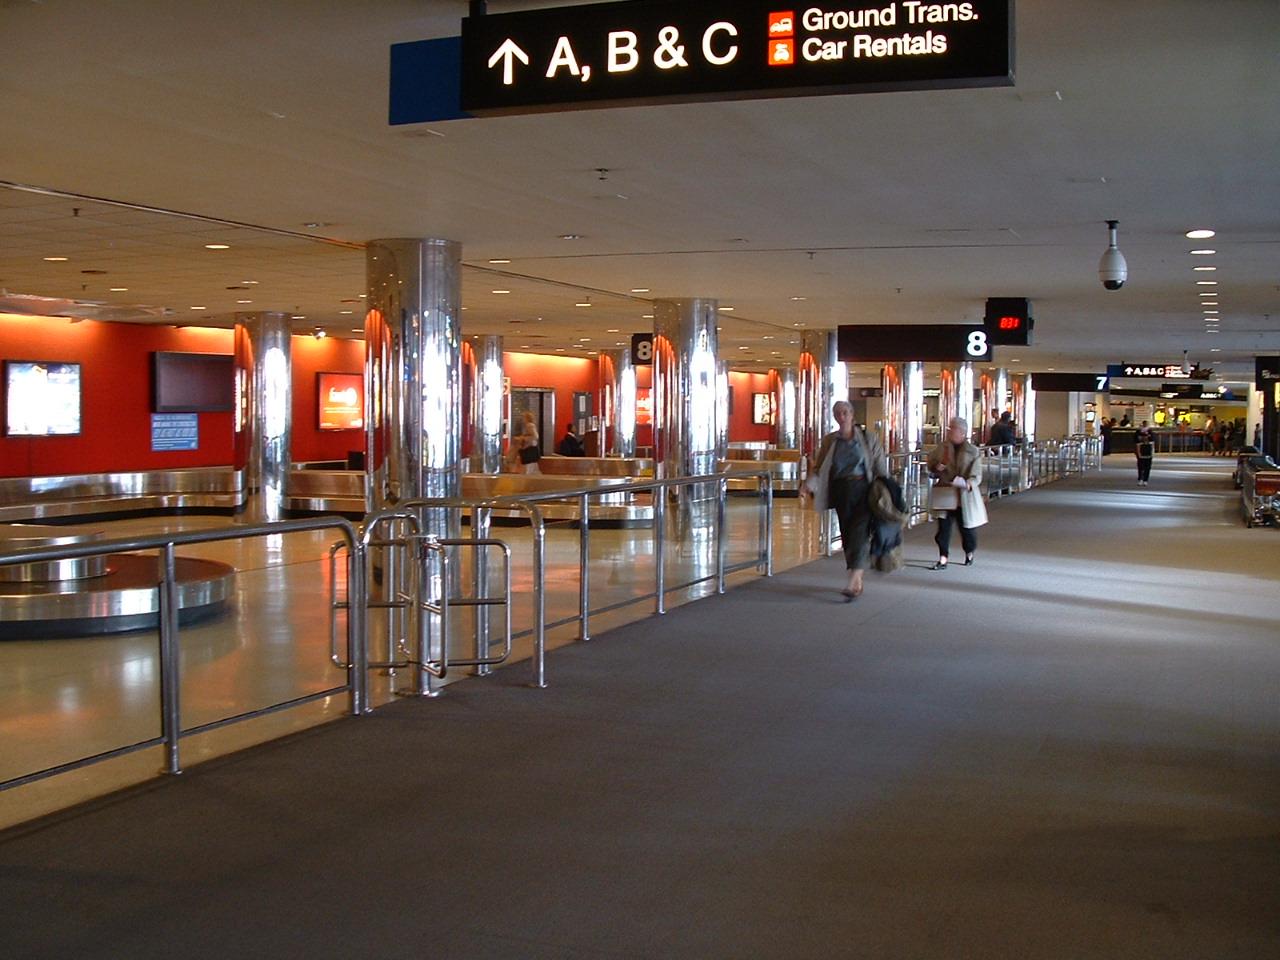 Балтимор Вашингтон аэропорт это Что такое Балтимор